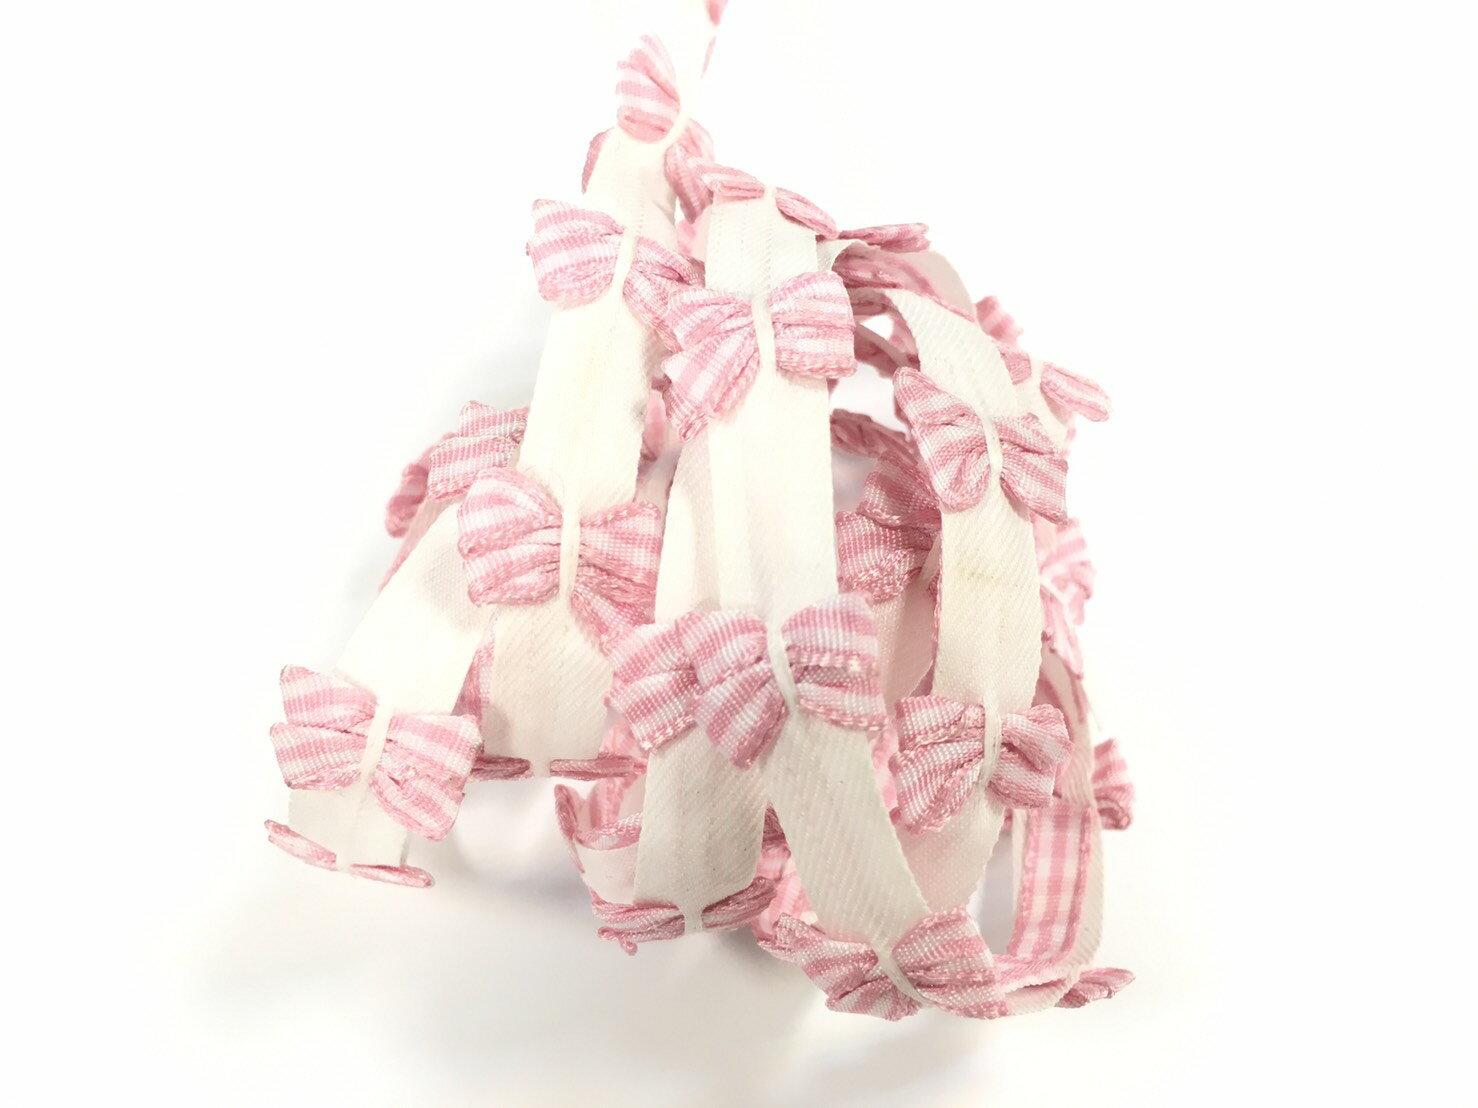 【Crystal Rose緞帶專賣店】針織格紋蝴蝶結飾緞帶(4色) 3